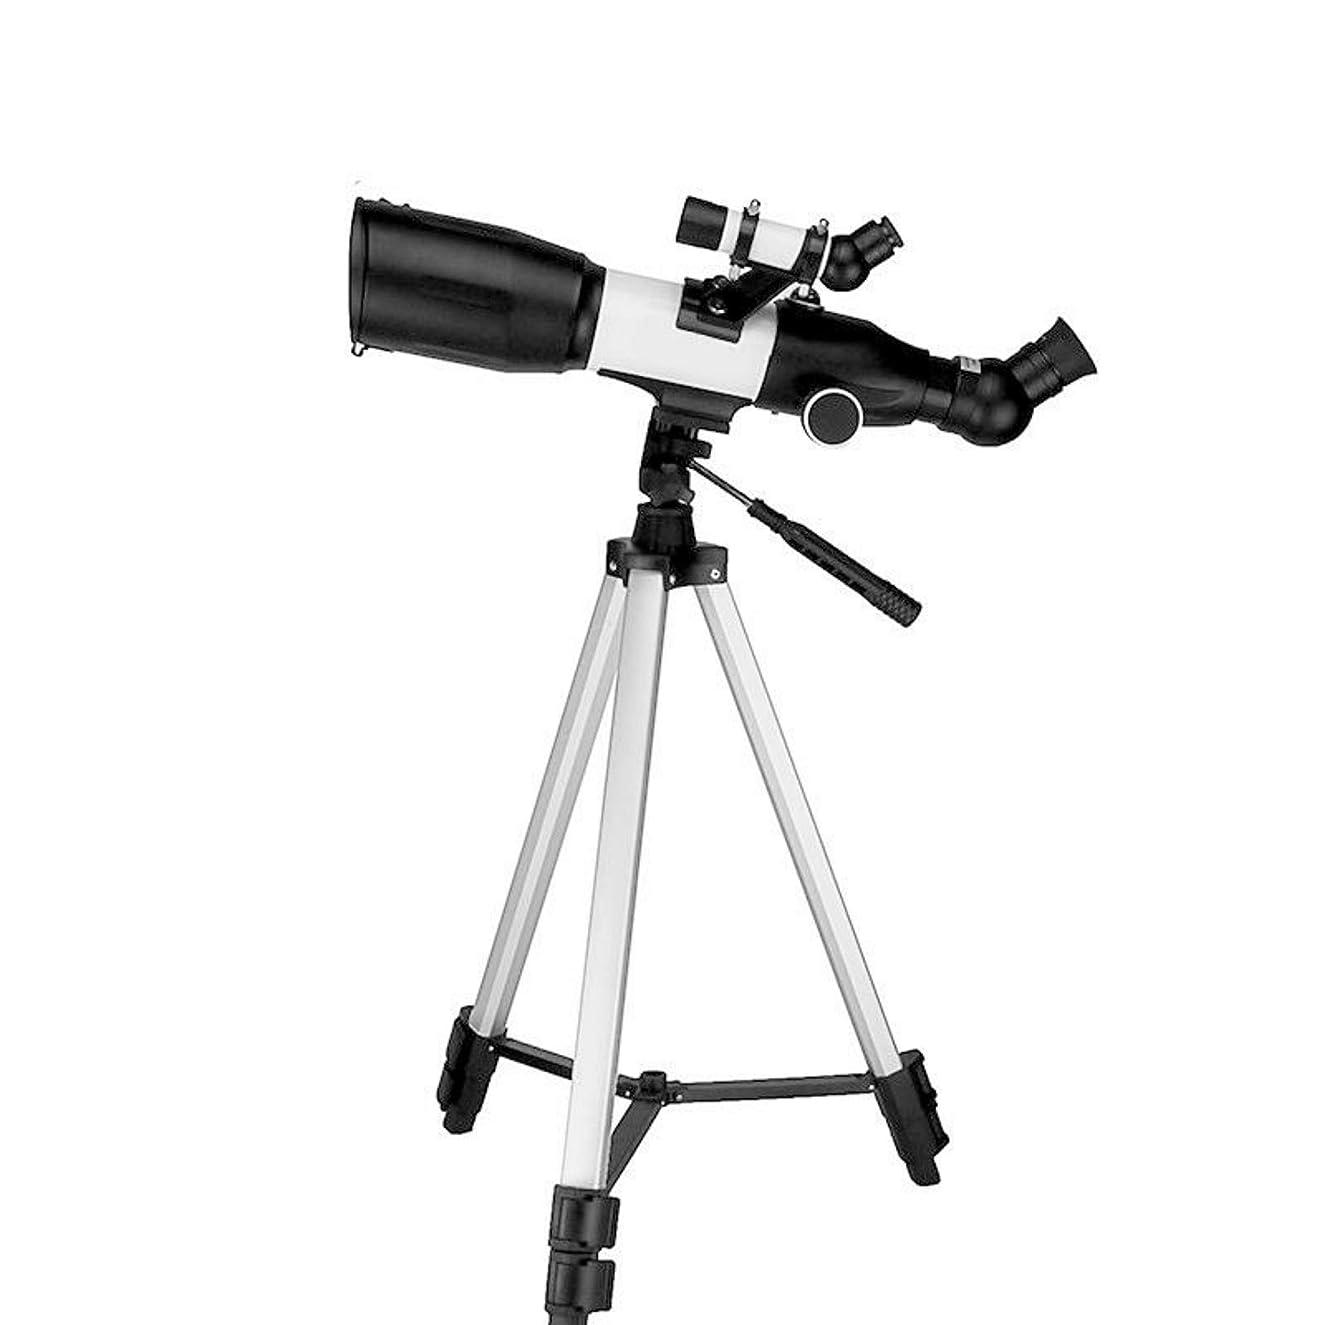 手段符号神天体望遠鏡 望遠鏡 単眼屈折望遠鏡天体望遠鏡スポッティングスコープ木星ムーンスコープ 知識への渇望